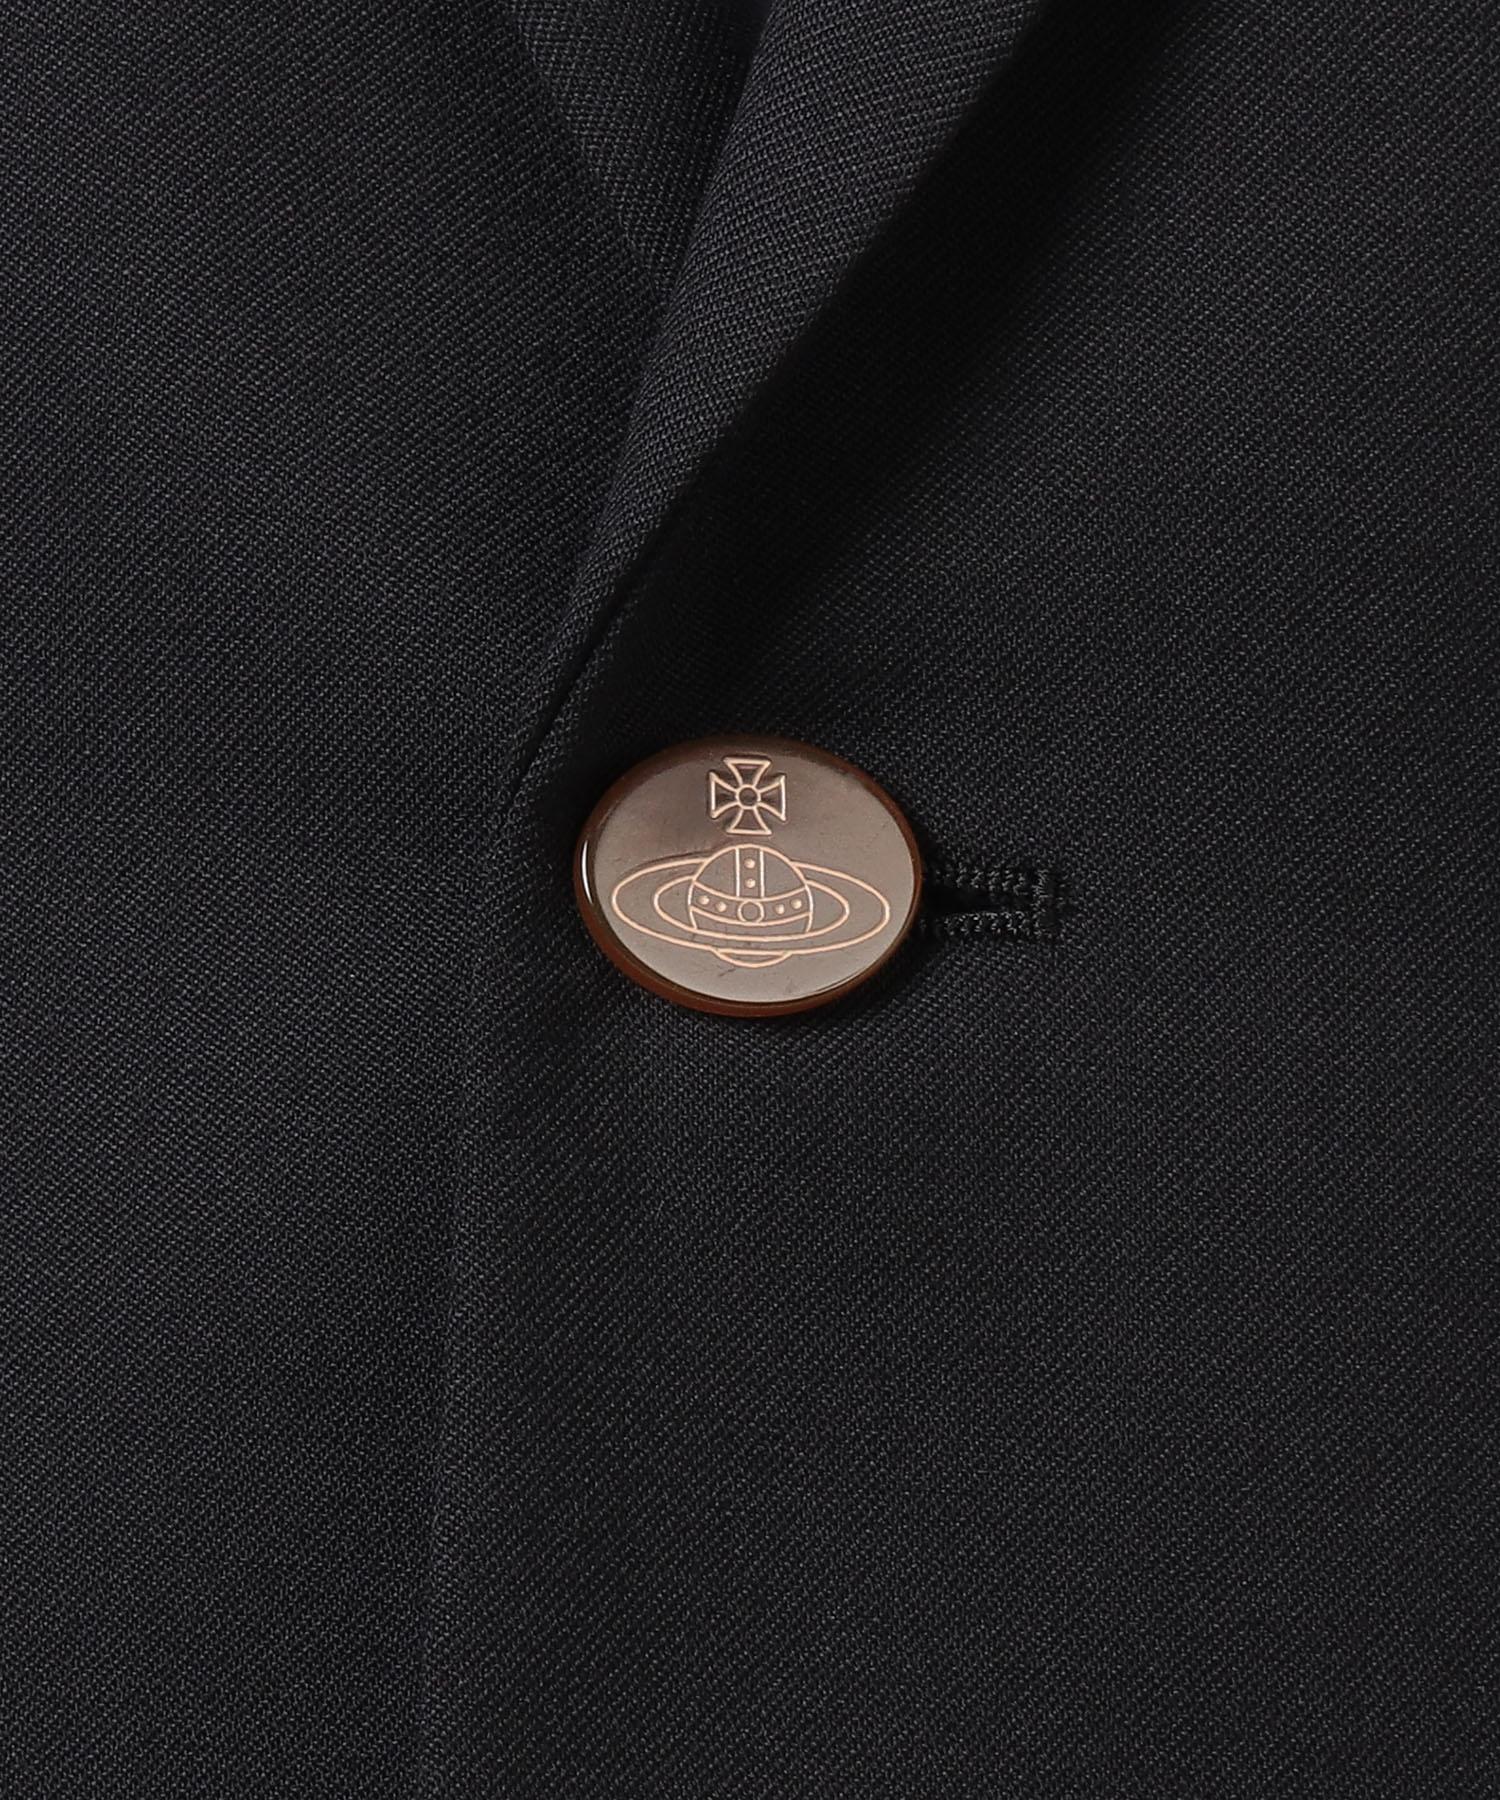 ファインウール 2Bスーツ